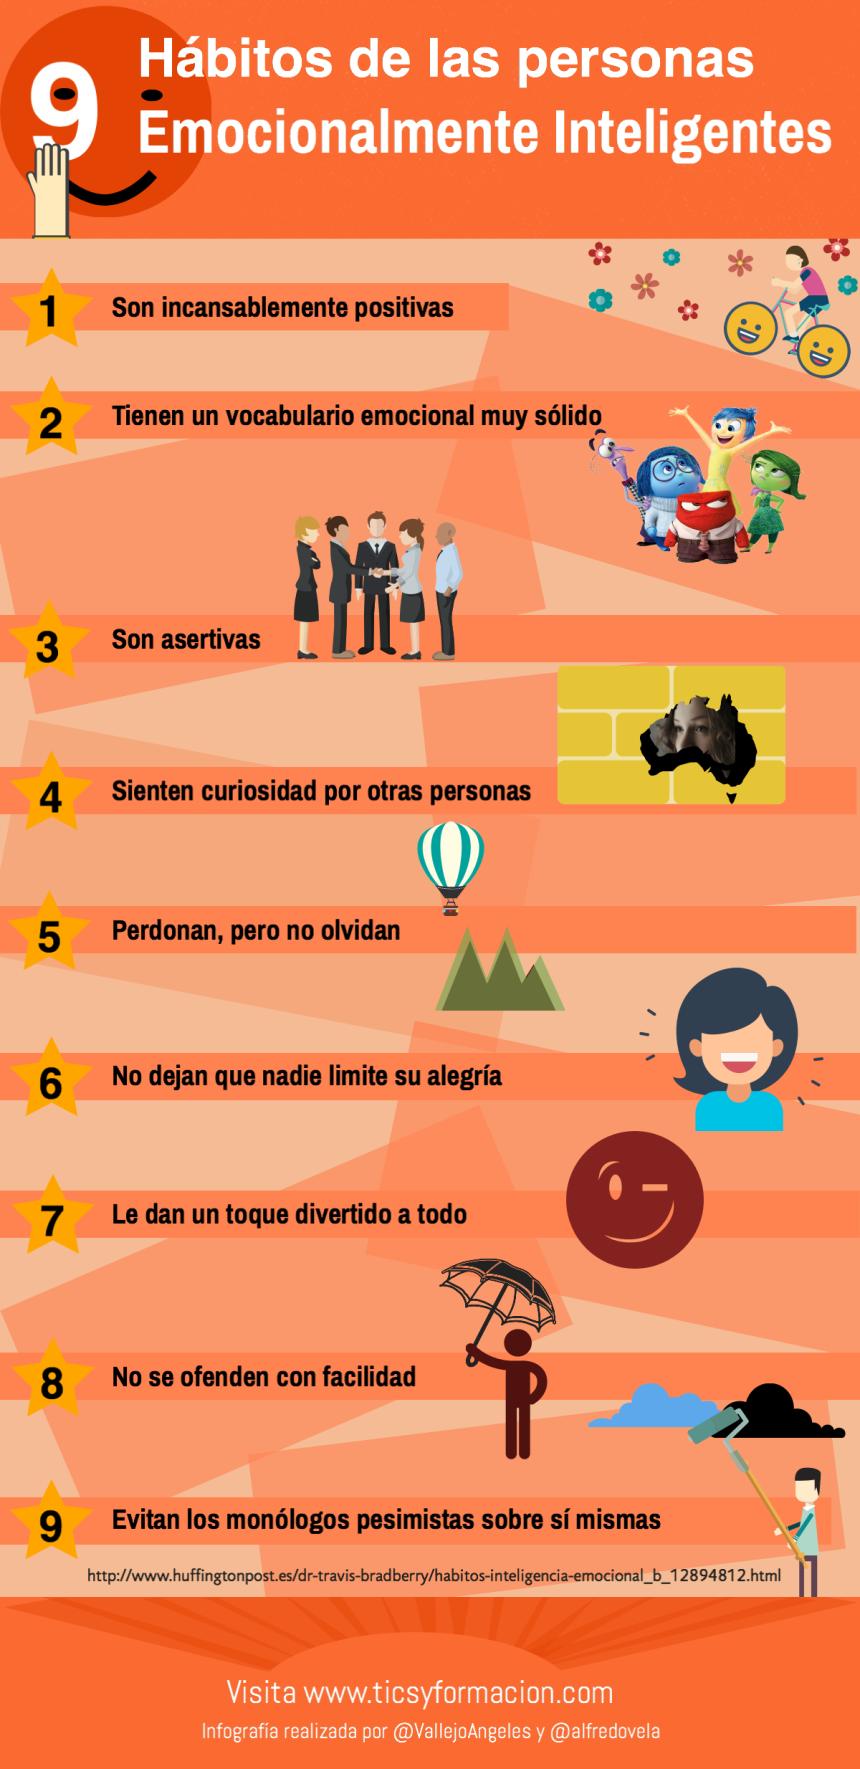 9 hábitos de las personas Emocionalmente Inteligentes